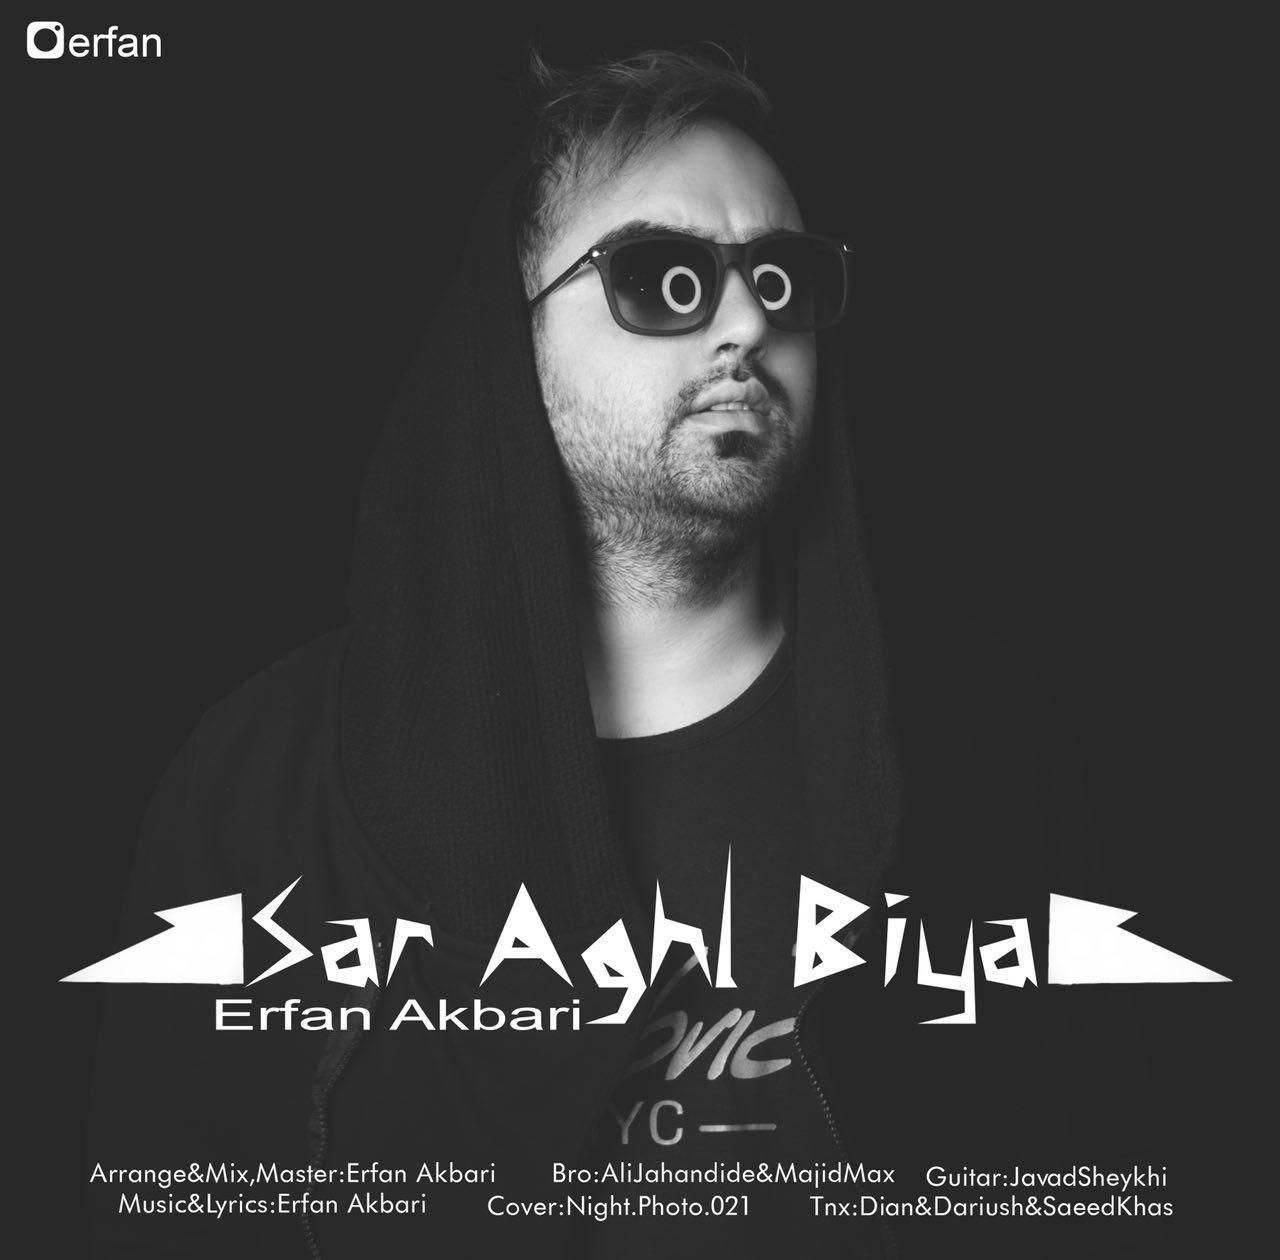 Erfan Akbari - Sar Aghl Biya Music | آهنگ عرفان اکبری - سر عقل بیا